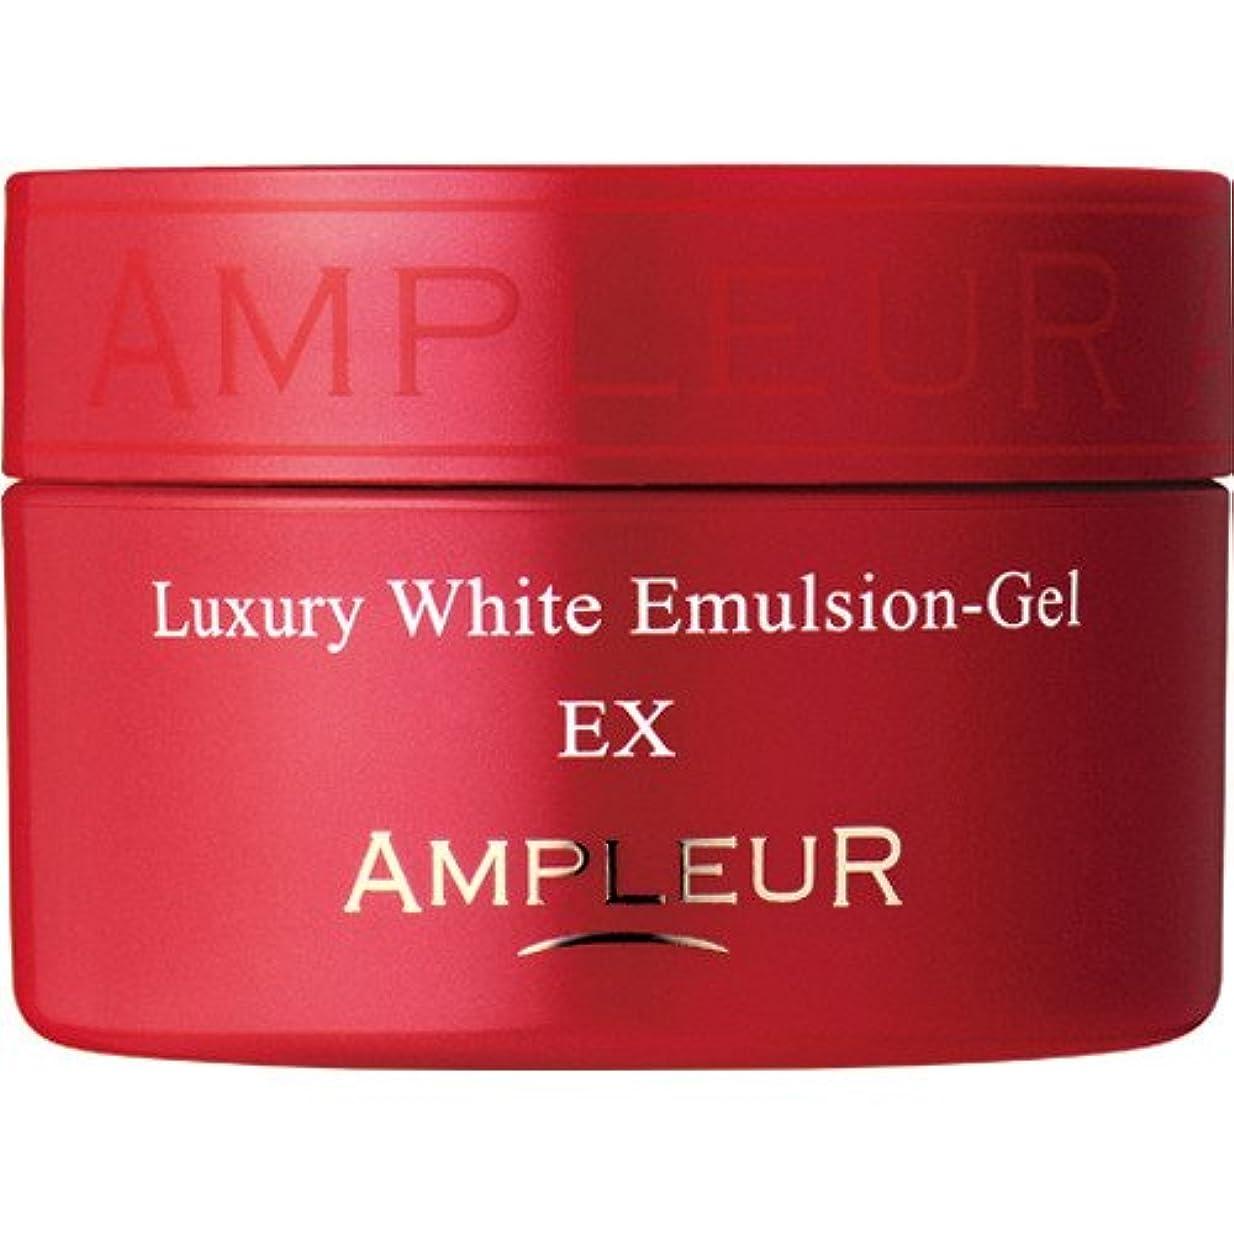 名誉ラウンジ可聴AMPLEUR(アンプルール) ラグジュアリーホワイト エマルジョンゲルEX 50g